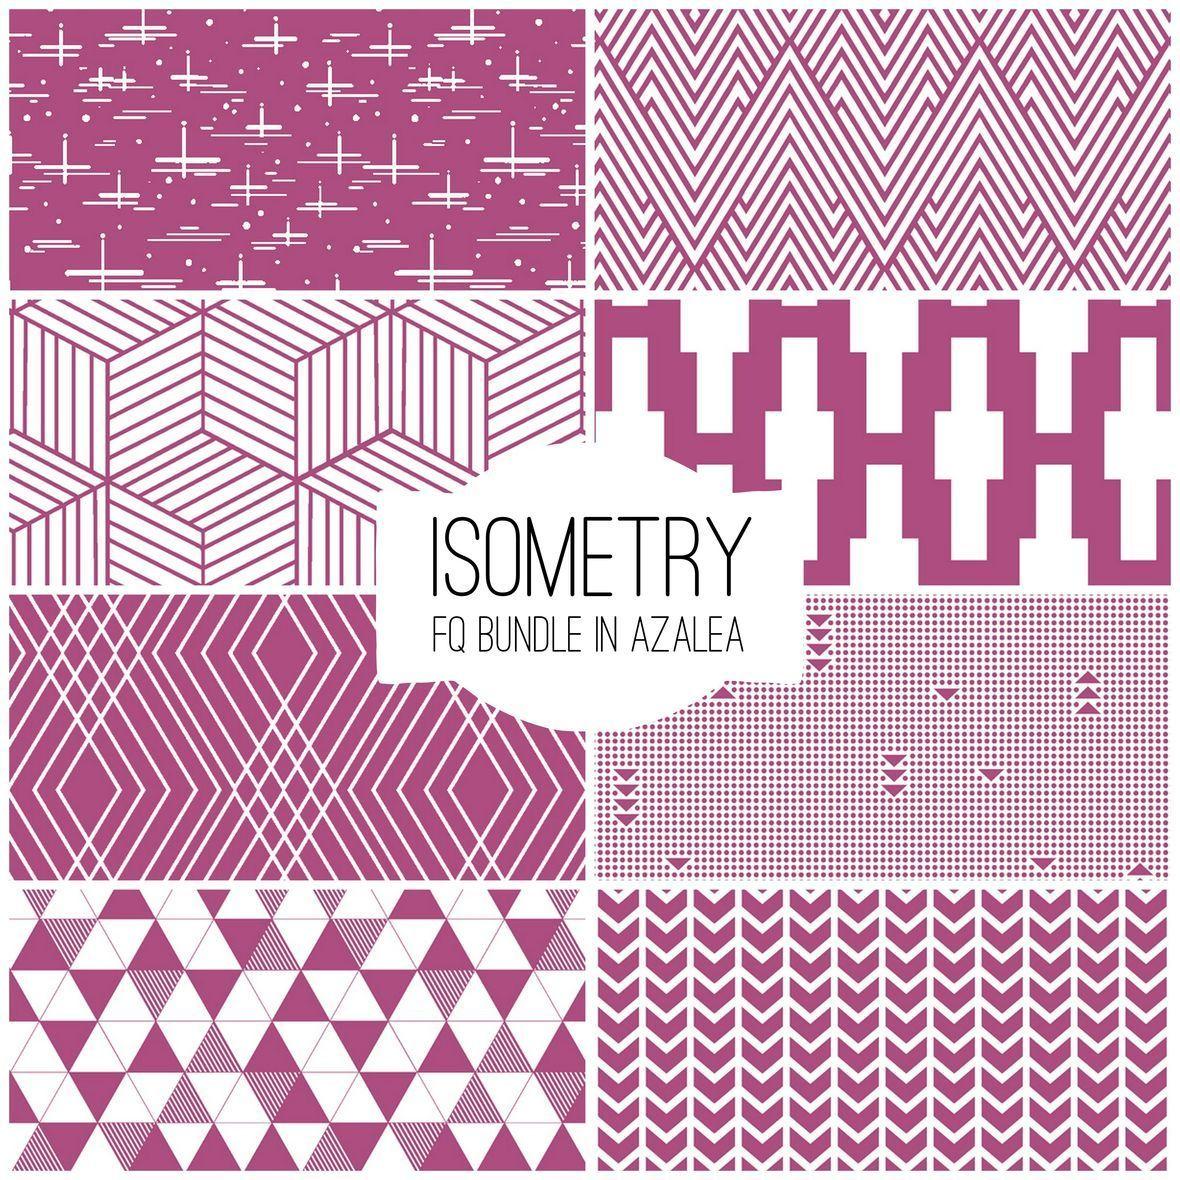 Isometry in Azalea